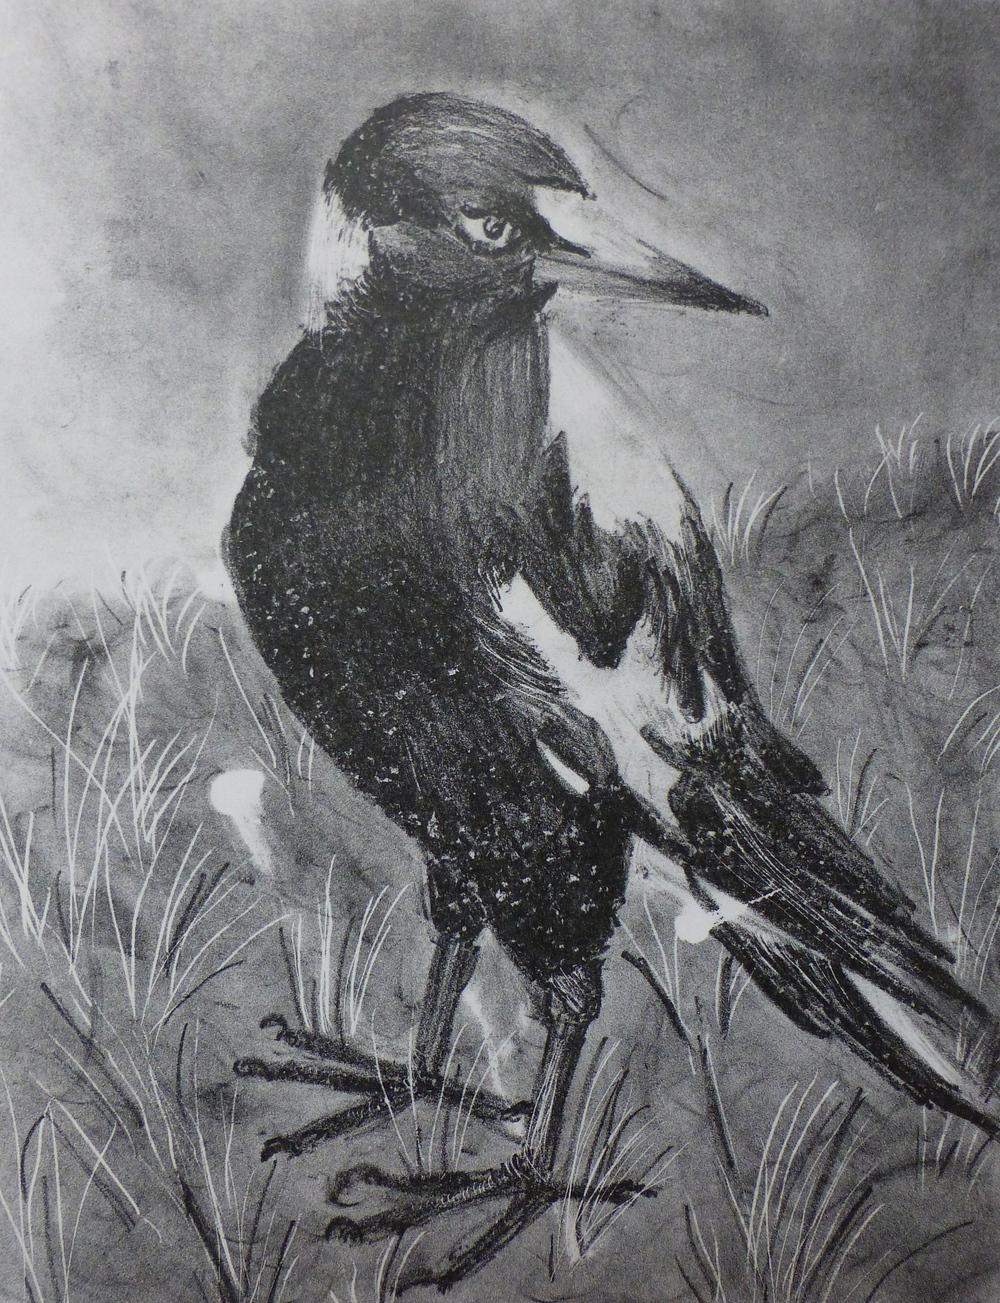 Magpie   Lithograph, 2011  Edition of 4  Image size: 27 cm x 21 cm  Paper size: 38 cm x 29 cm  $100